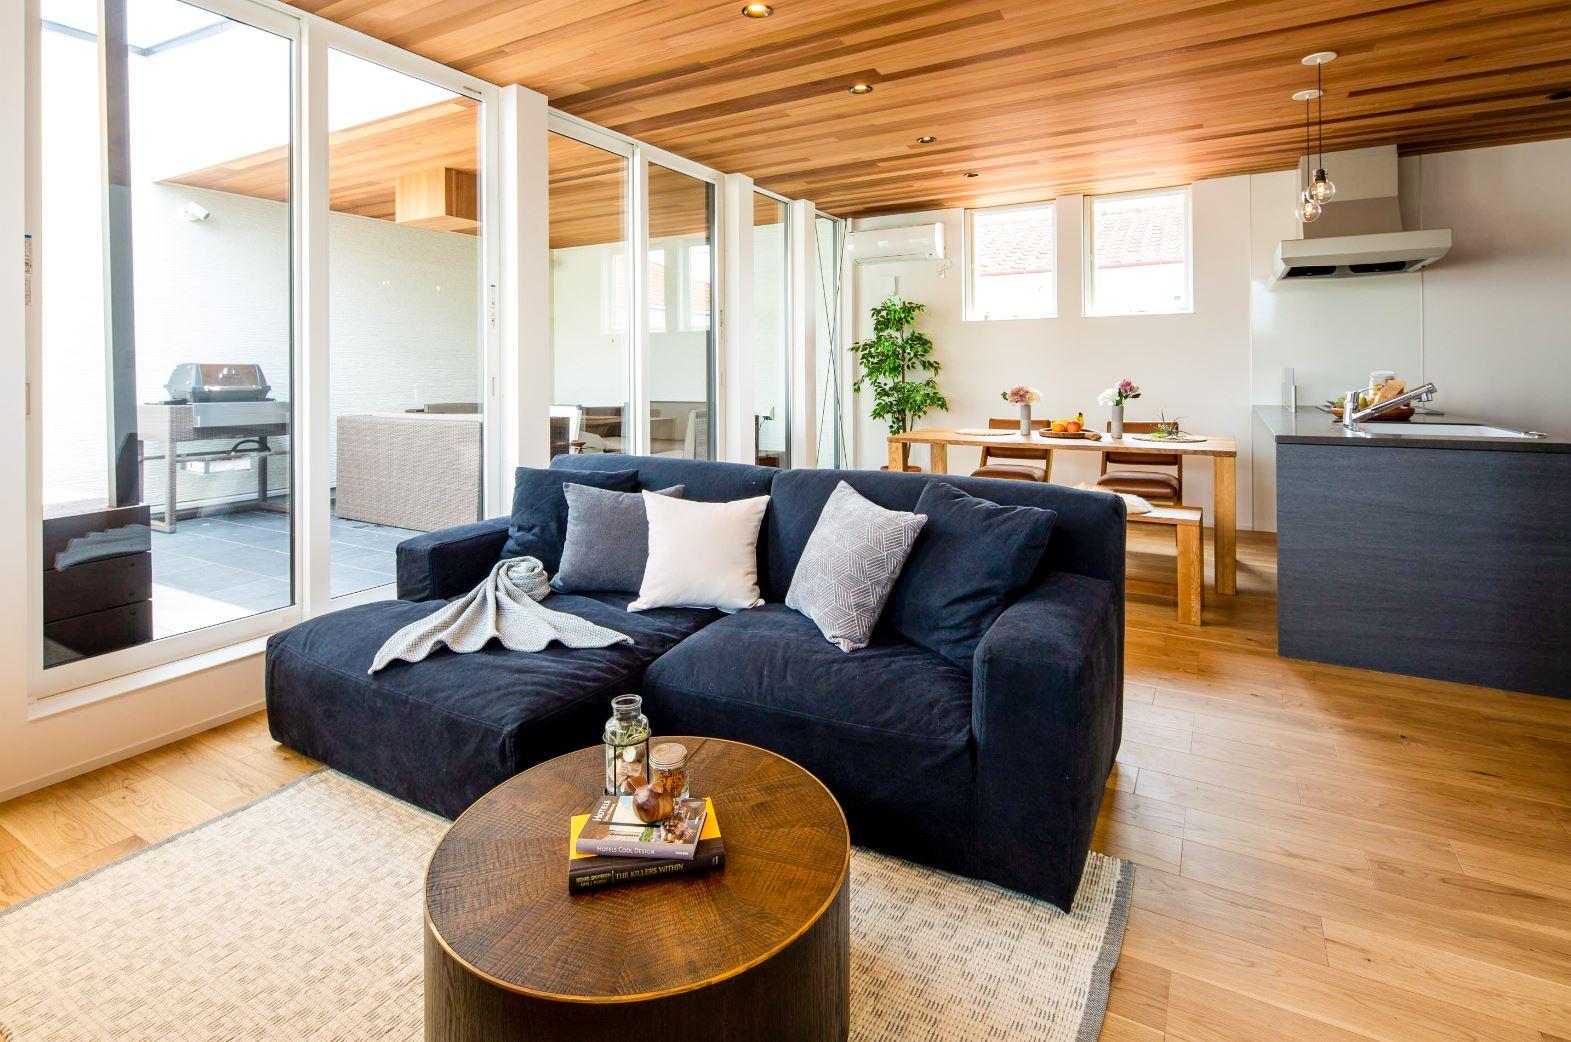 スタイルカーサ【浜松市中区飯田町・モデルハウス】2階のLDKは18畳のゆったり空間。リビングとテラスを壁で仕切るのではなく、大きなサッシを採用したことで視界が抜けていき、実面積よりも広く感じられる